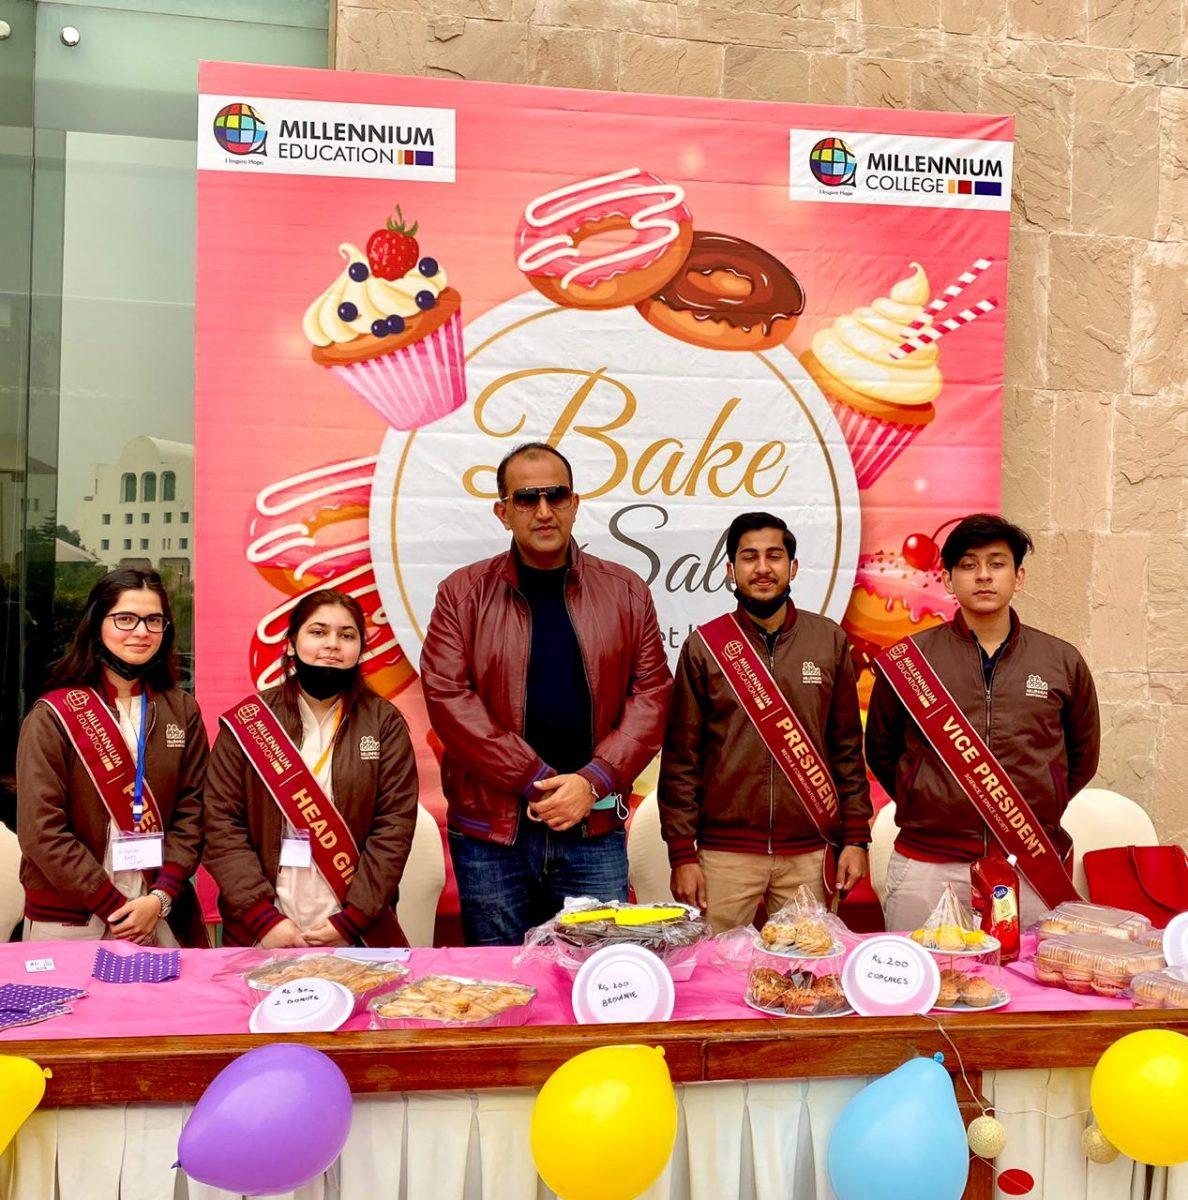 Millennials Bake Sale at IFWA CHARITY BAZAAR SERENA HOTEL ISLAMABAD